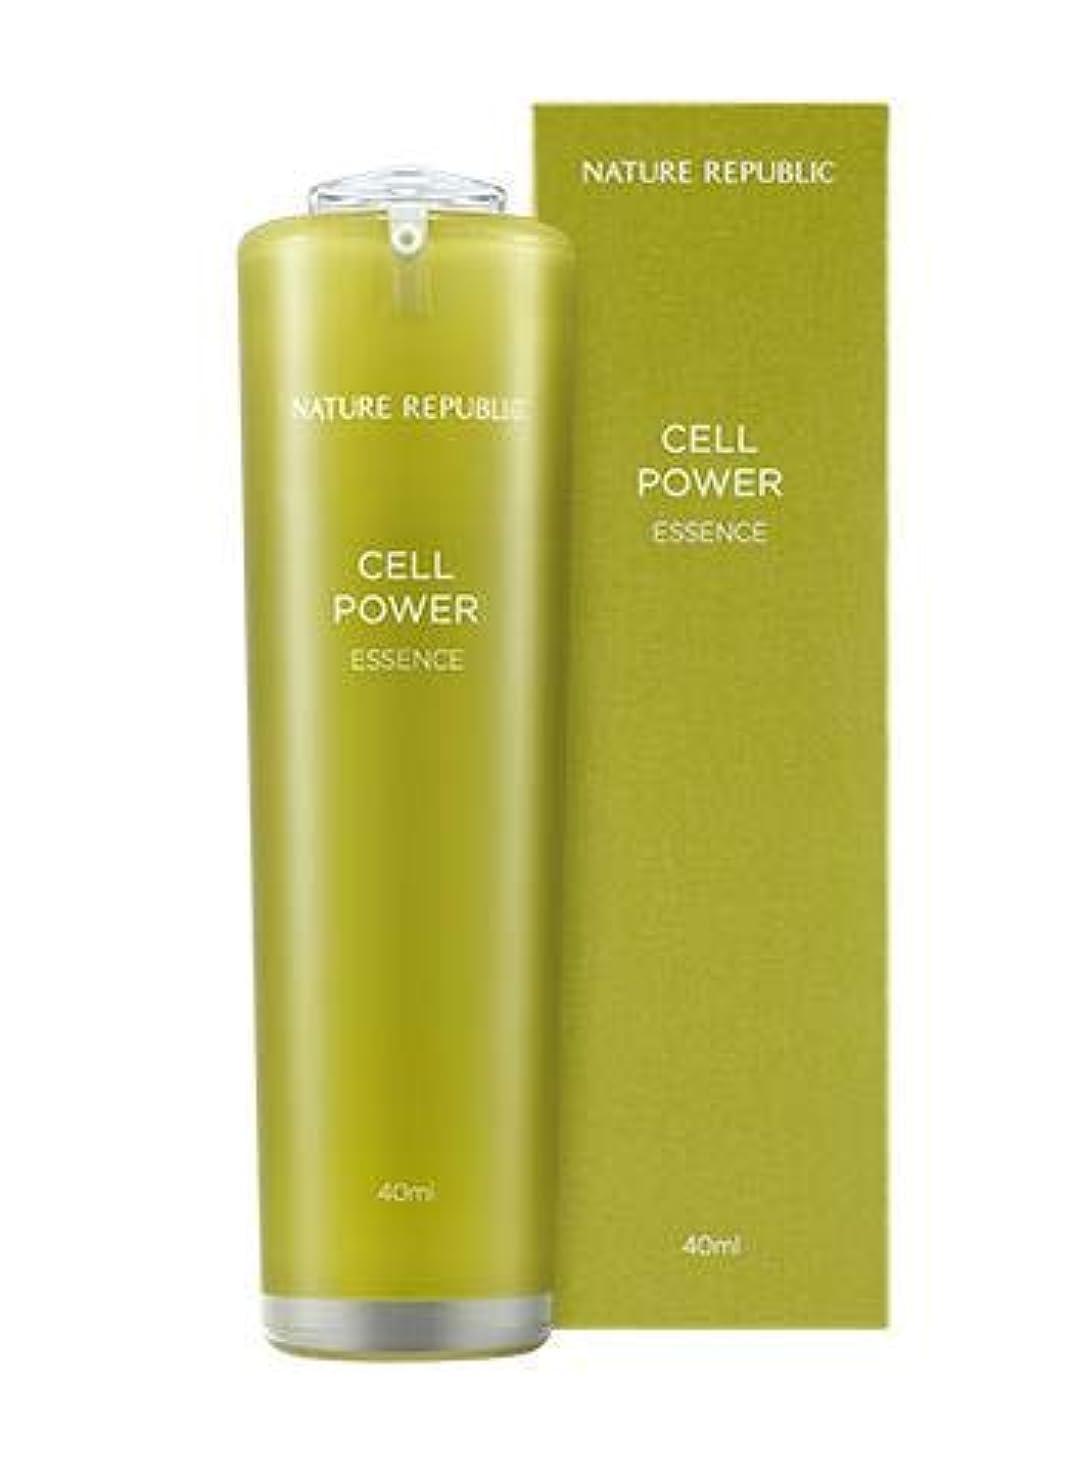 病的きしむ分類するNature Republic Cell Power Essence ネイチャーリパブリック セルパワー エッセンス [並行輸入品]